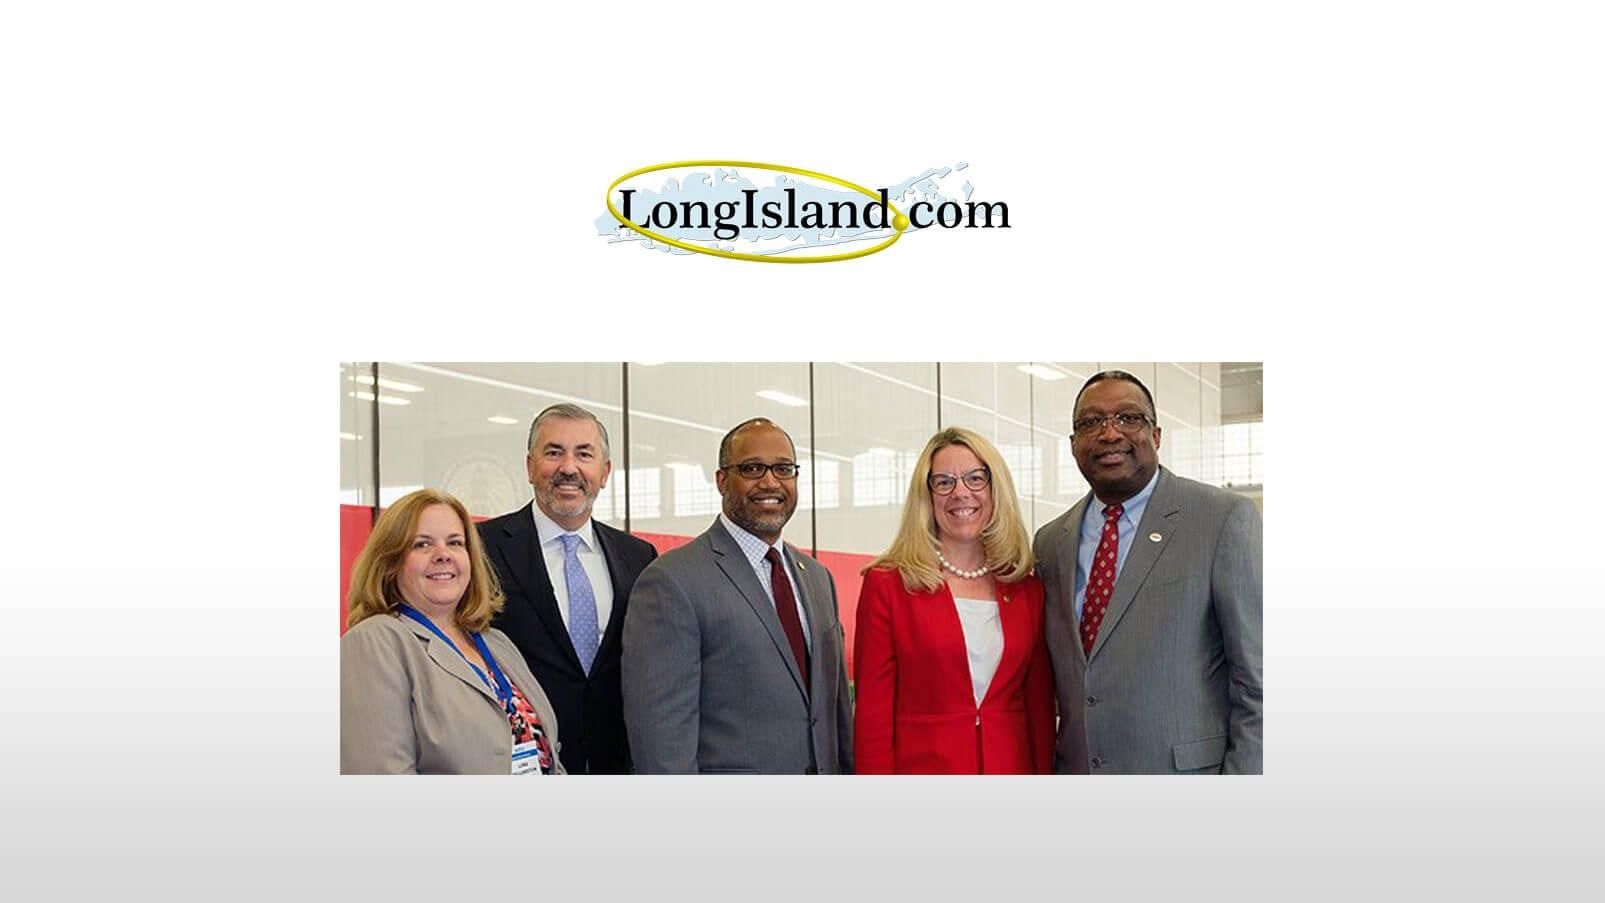 Long Island.com